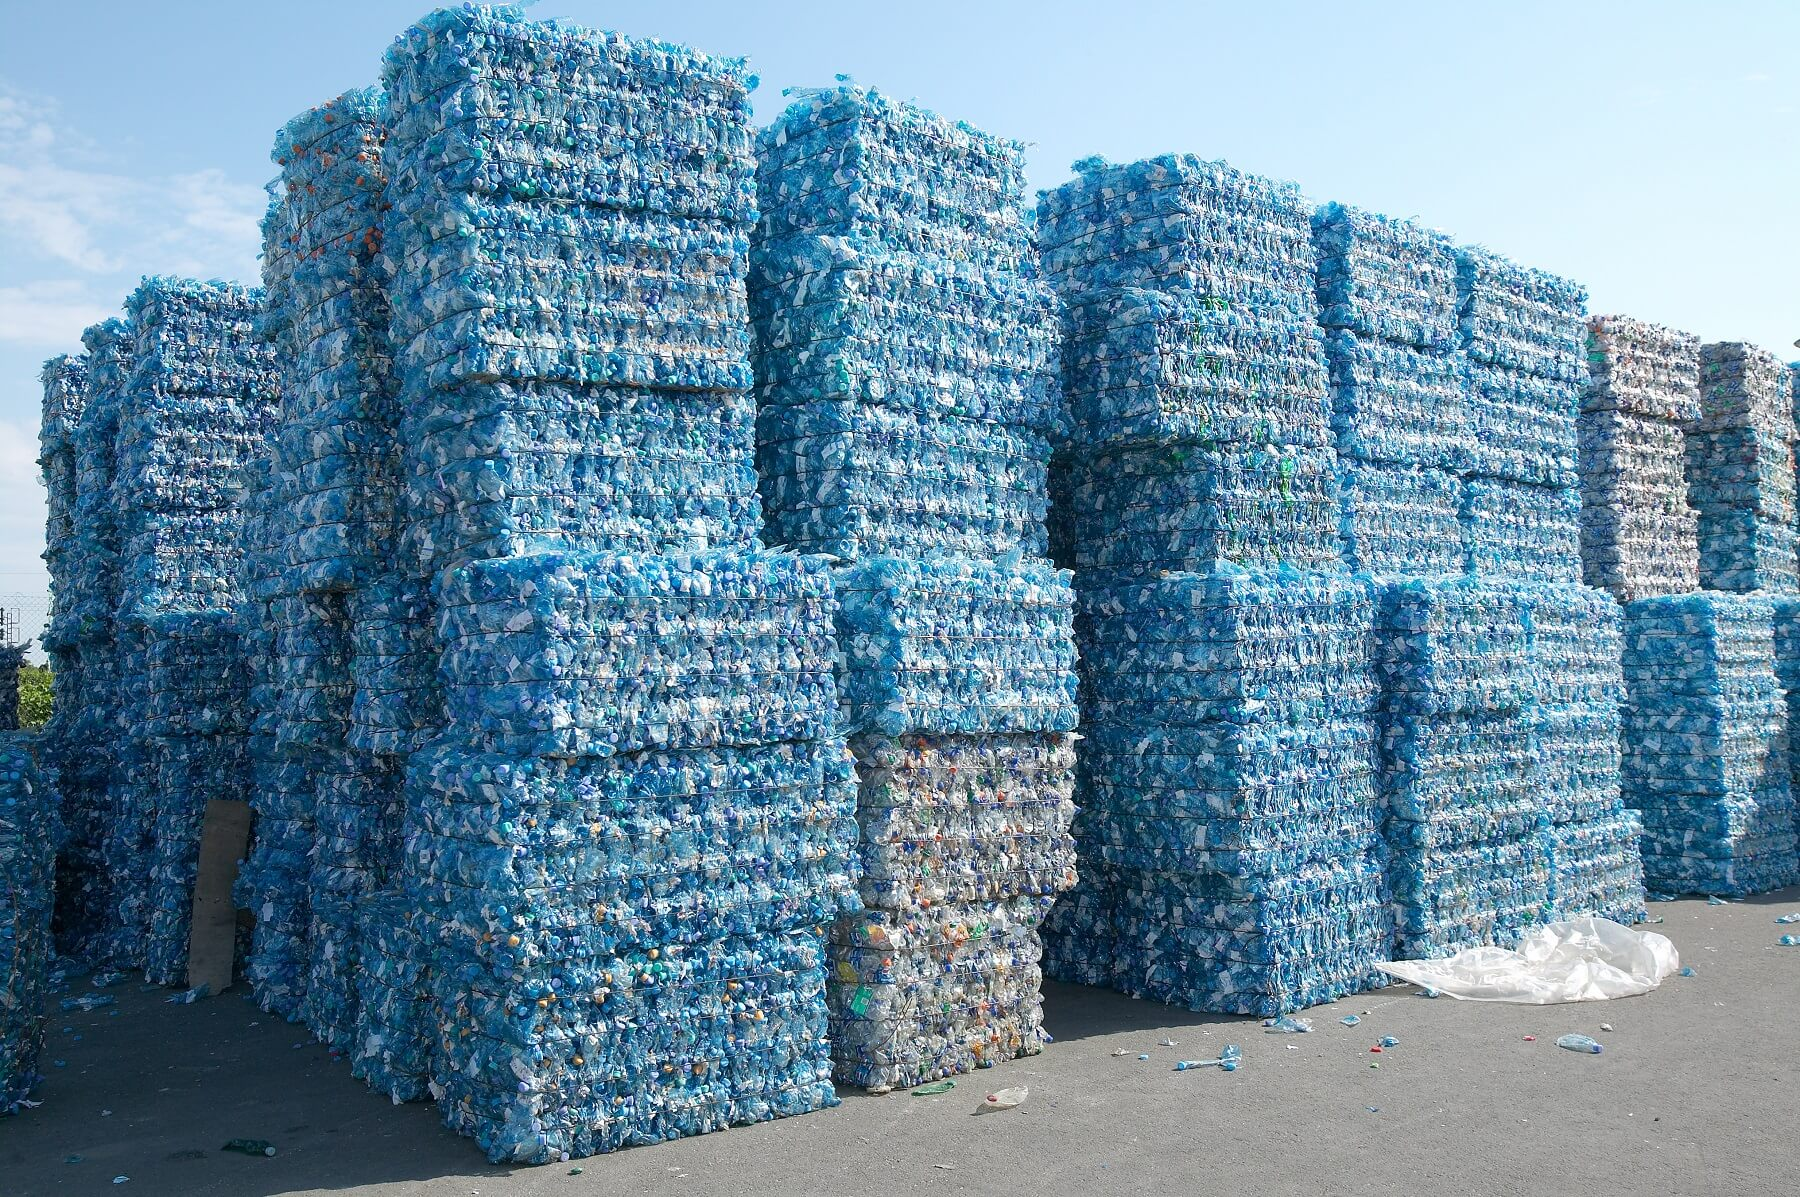 תהליך מיחזור פלסטיק